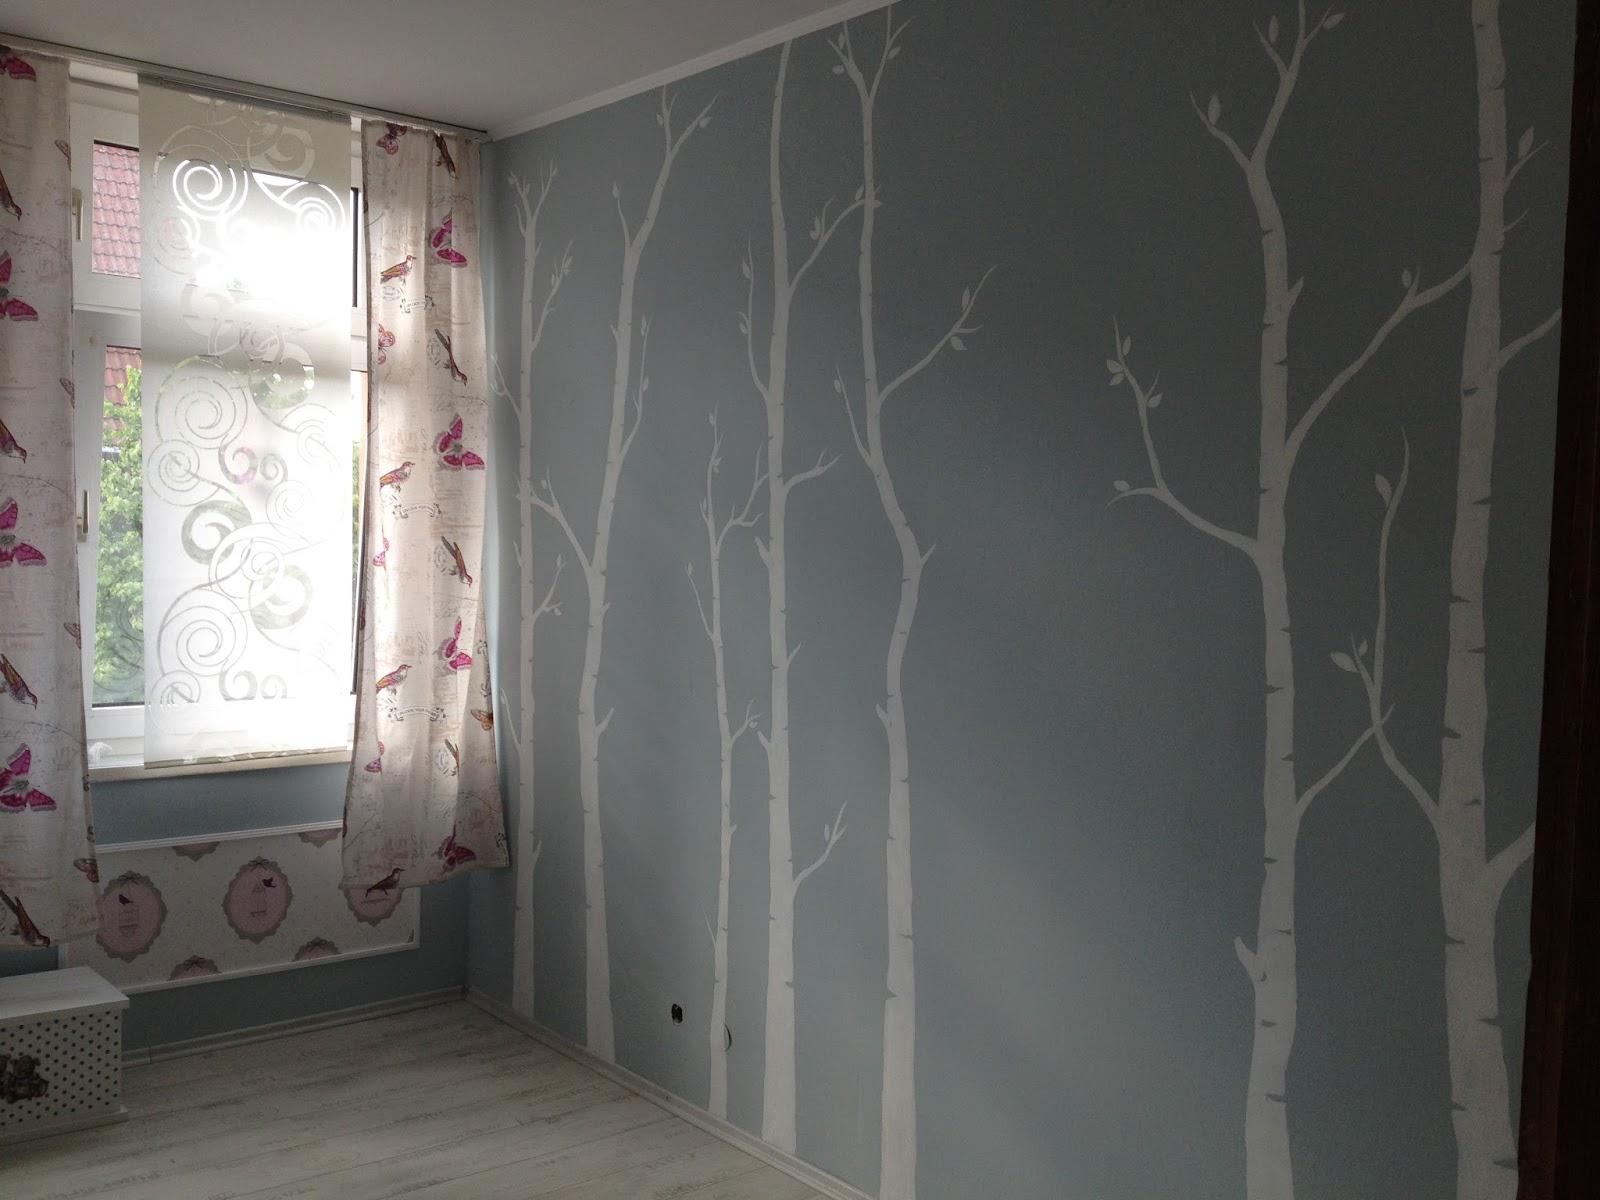 tapeten birken amped for. Black Bedroom Furniture Sets. Home Design Ideas